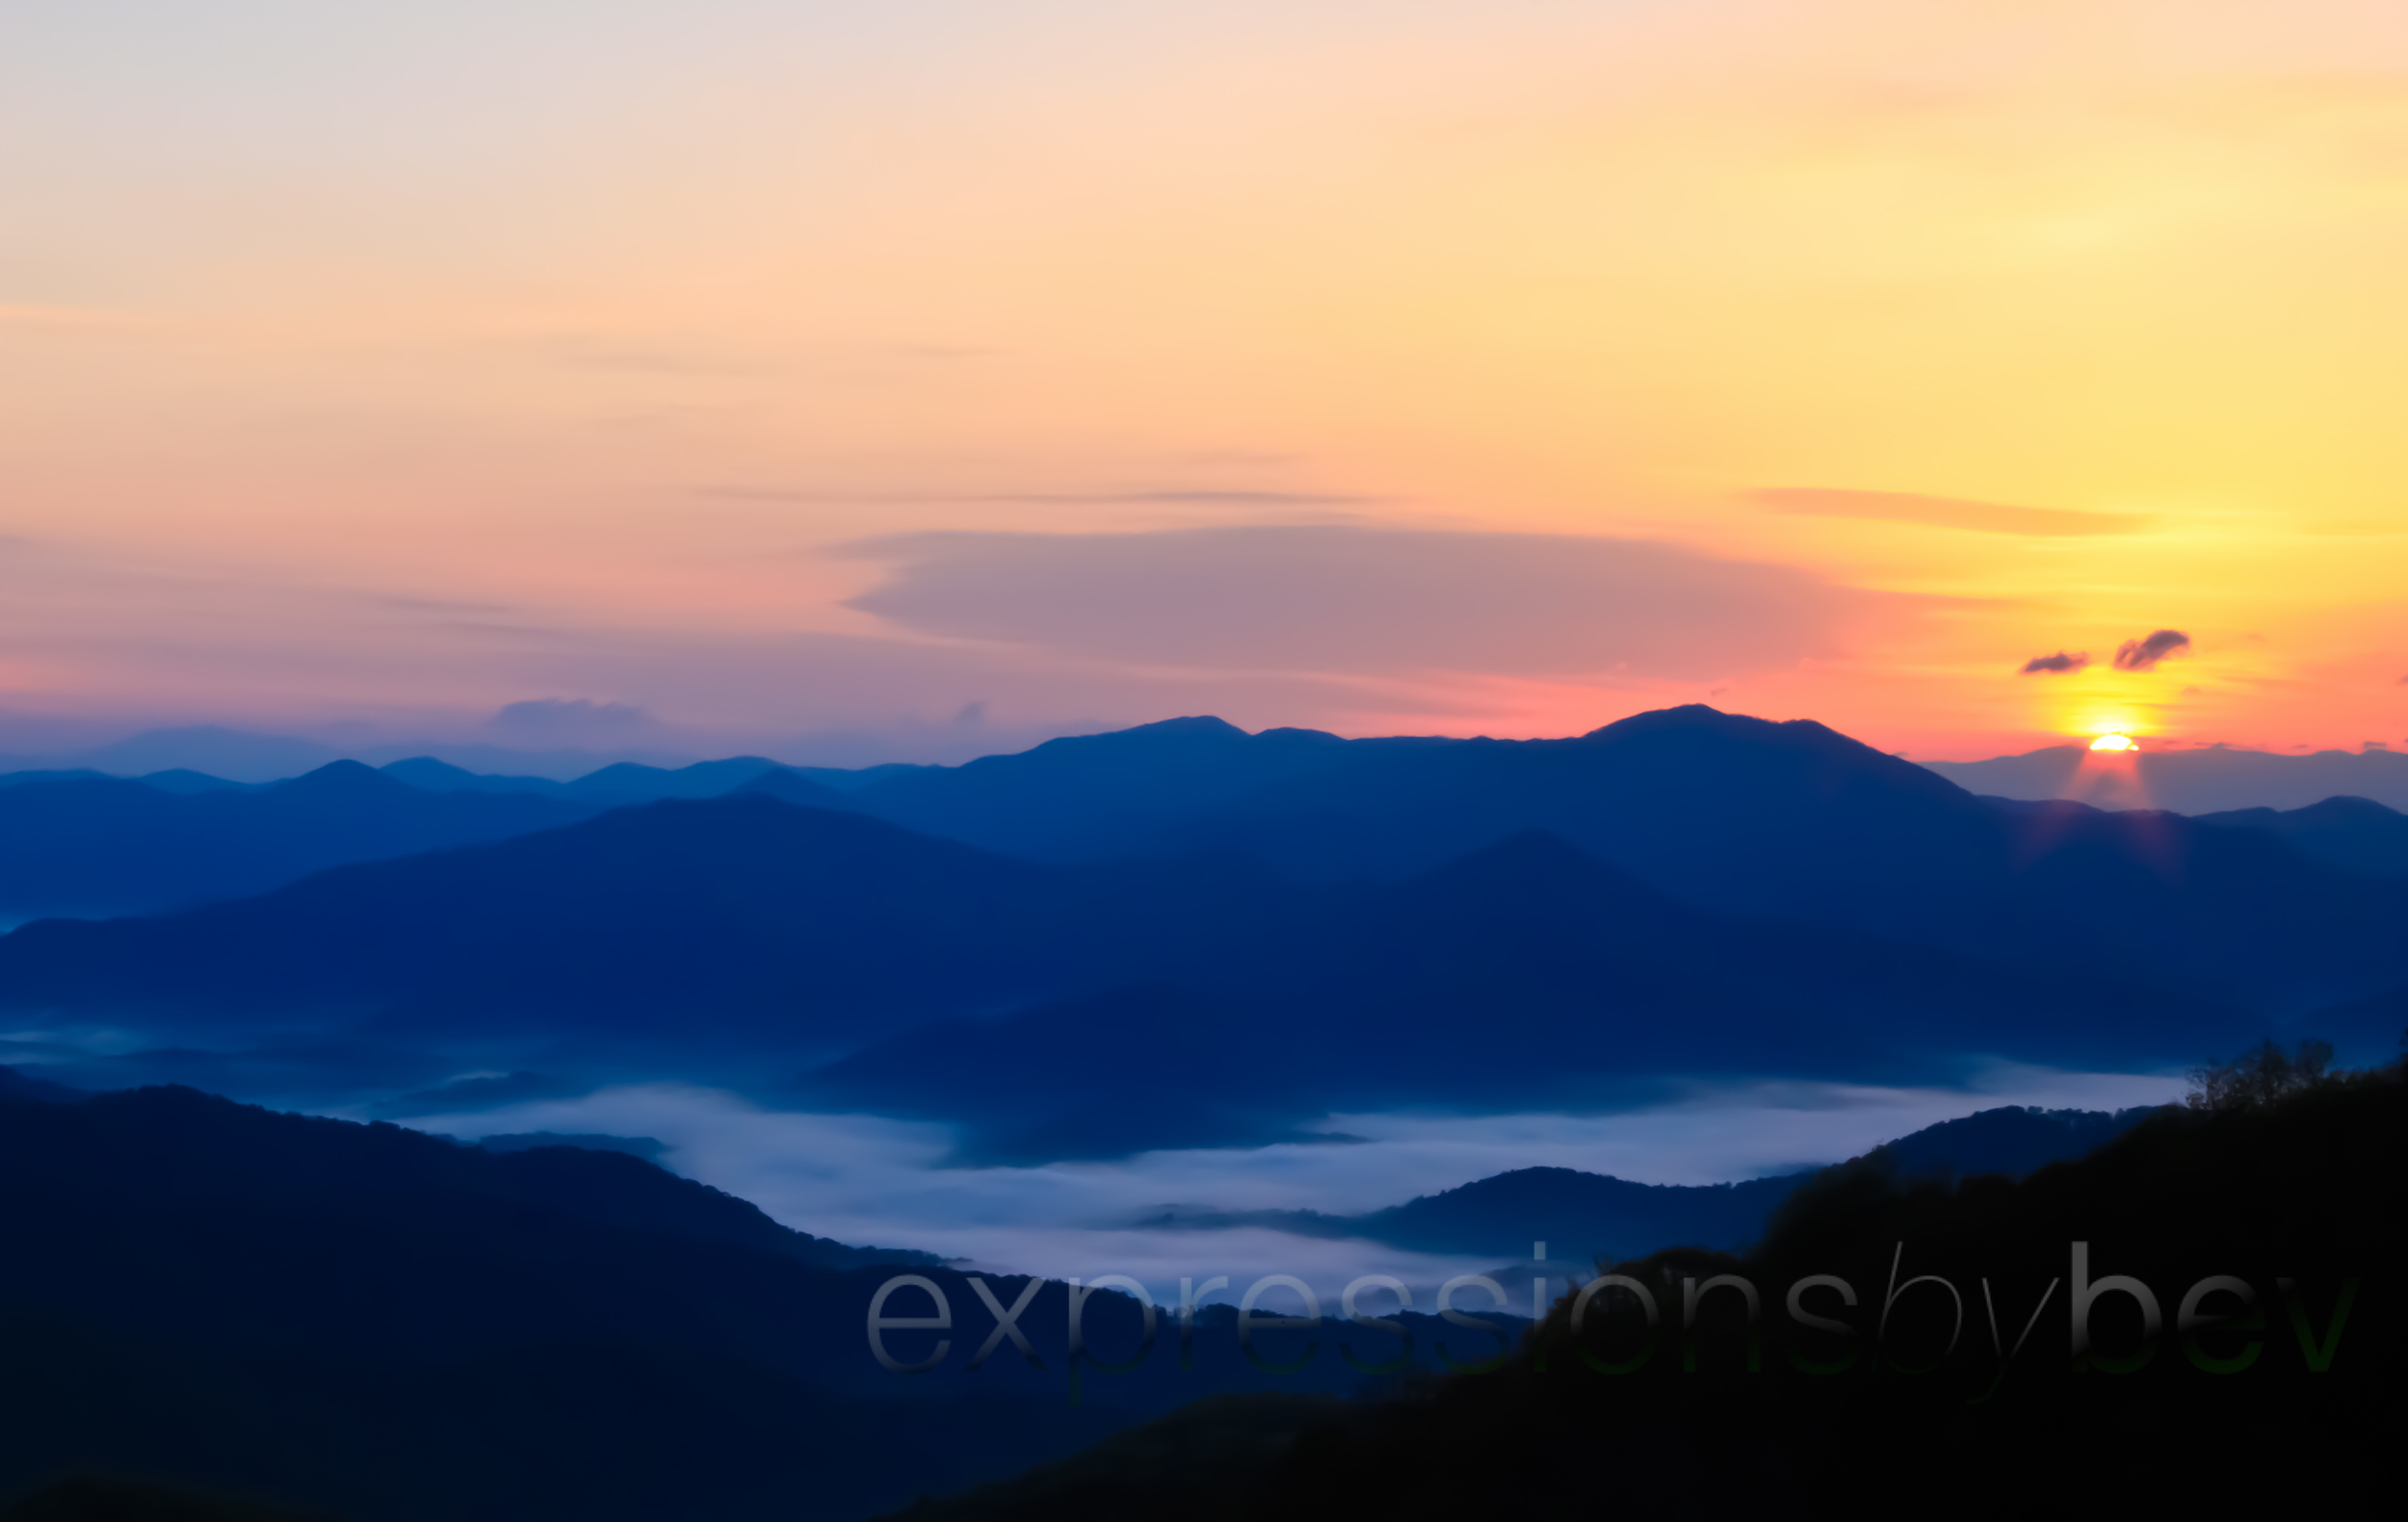 EBBev-_MG_3548a sunrise fussy_27-5184 x 3456.jpg